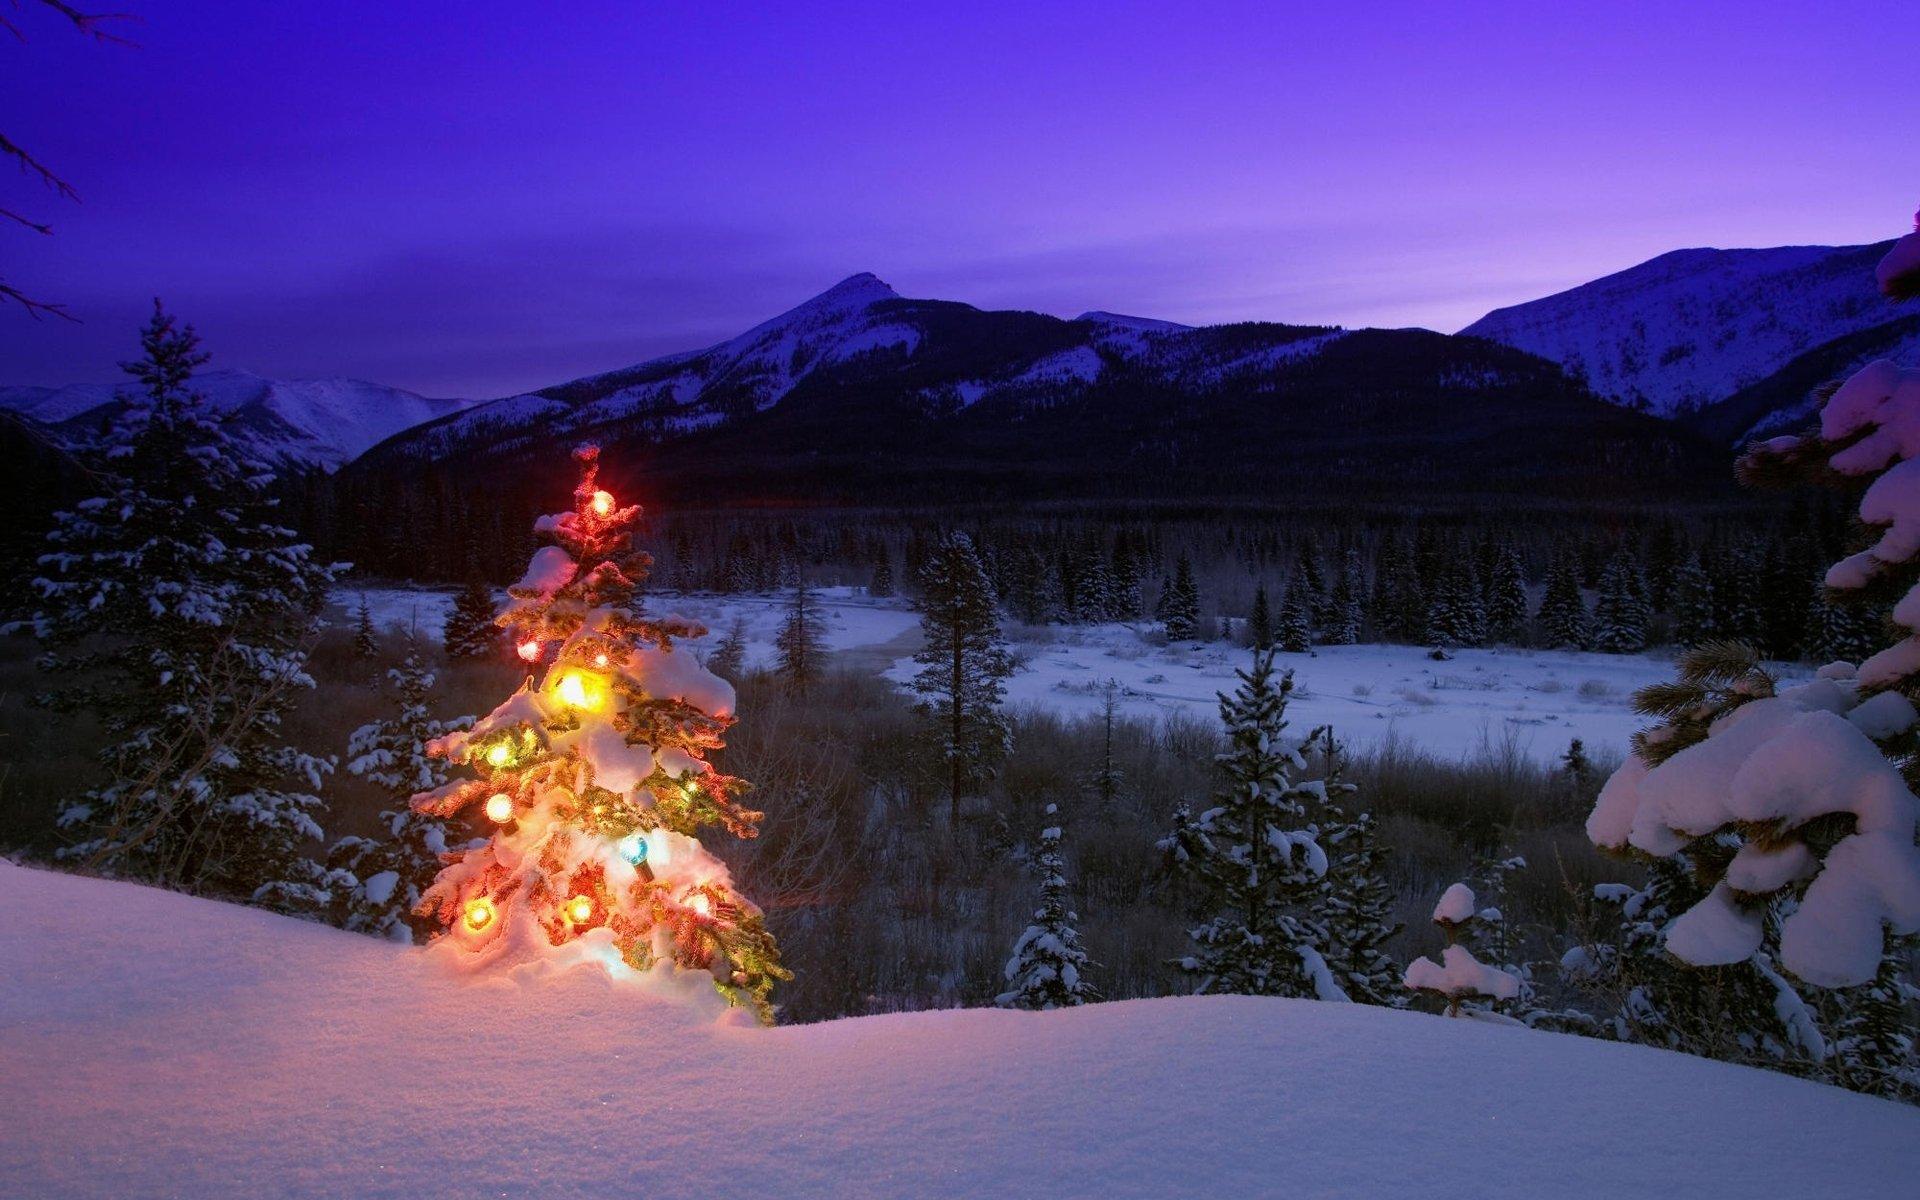 подобных картинки зима природа новый год этим можно справиться